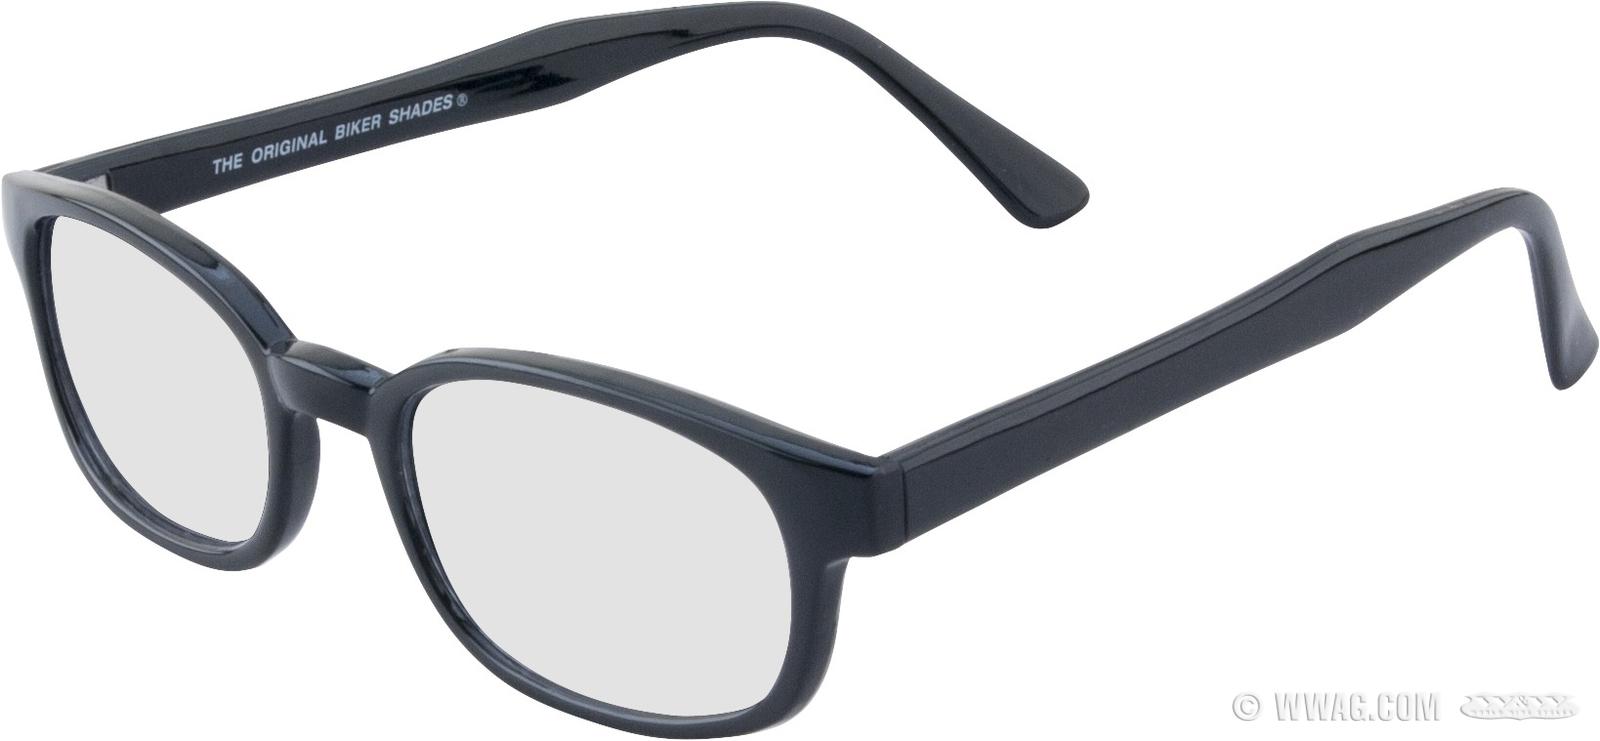 c8ae0b55991b W&W Cycles - Apparel and Helmets > Original KD's Day2Nite Sunglasses